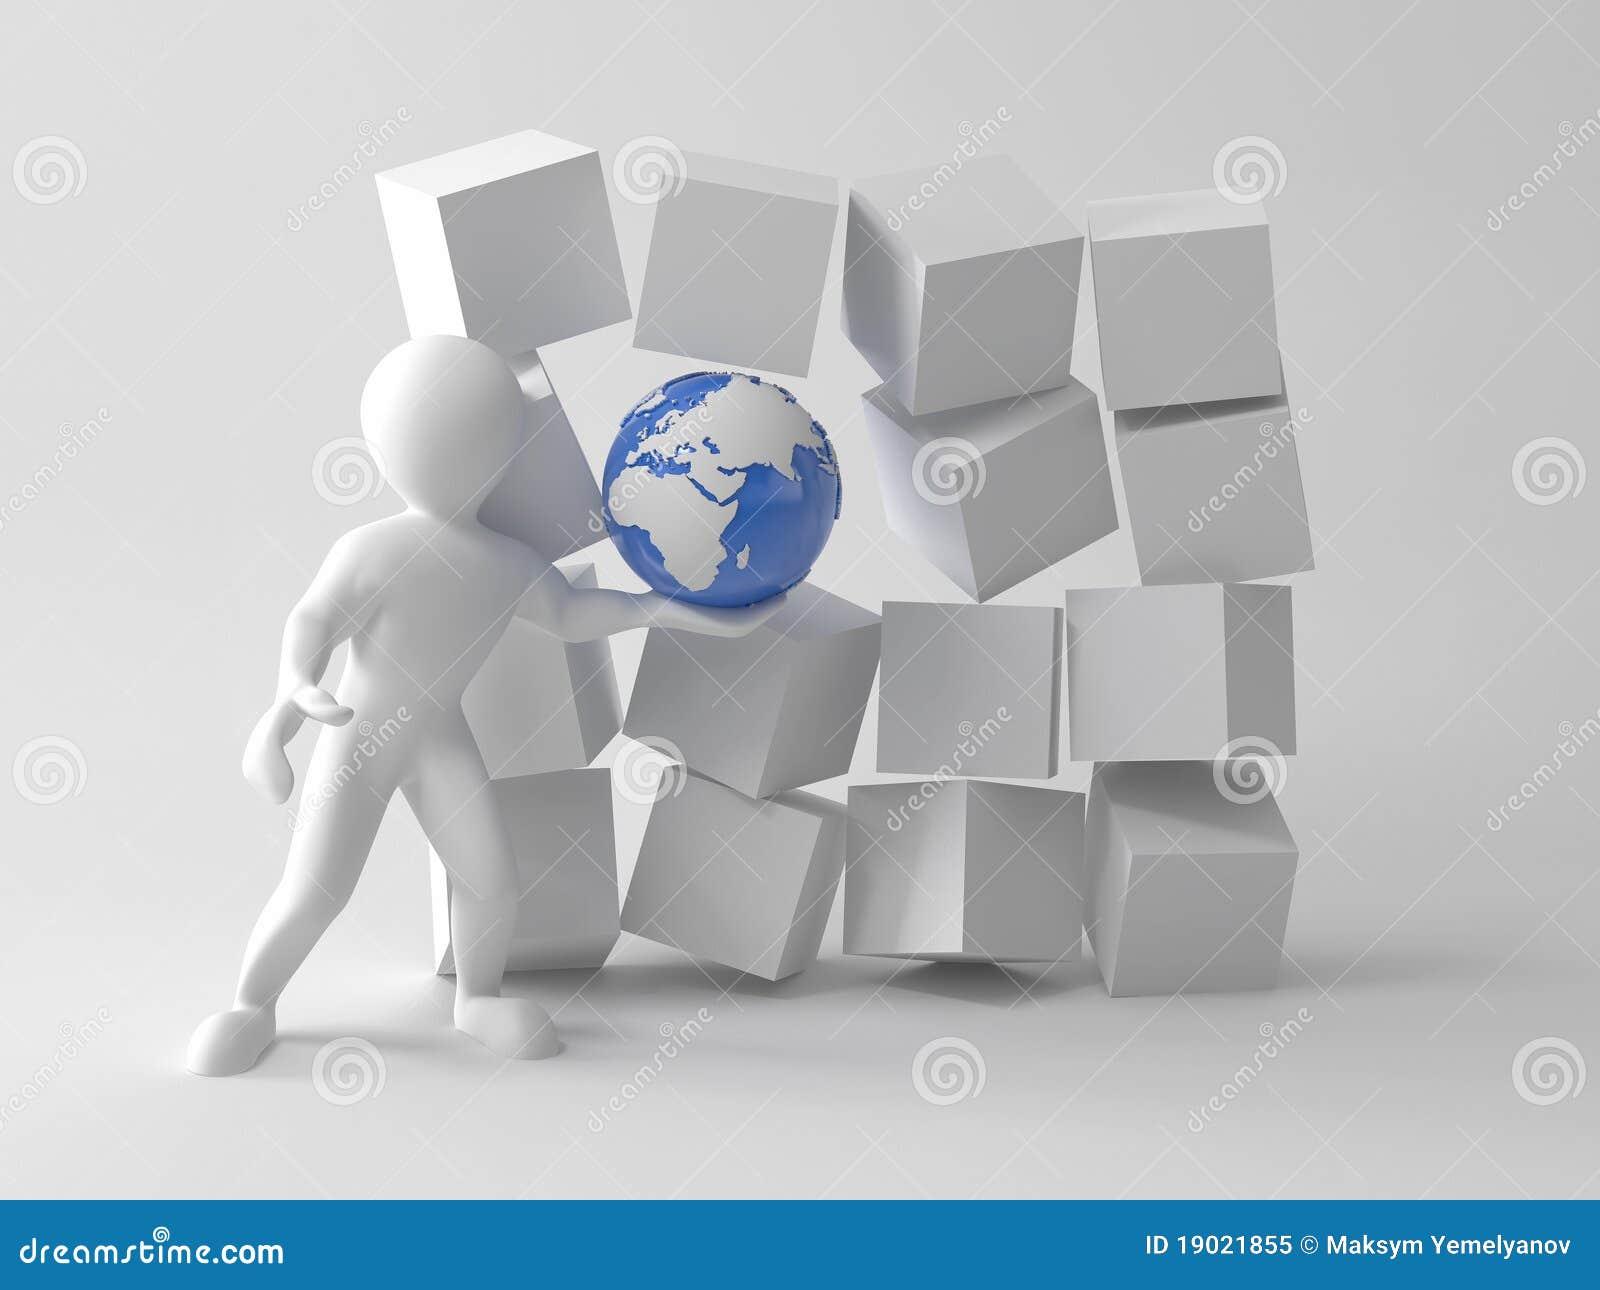 Homens com terra em umas caixas. 3d